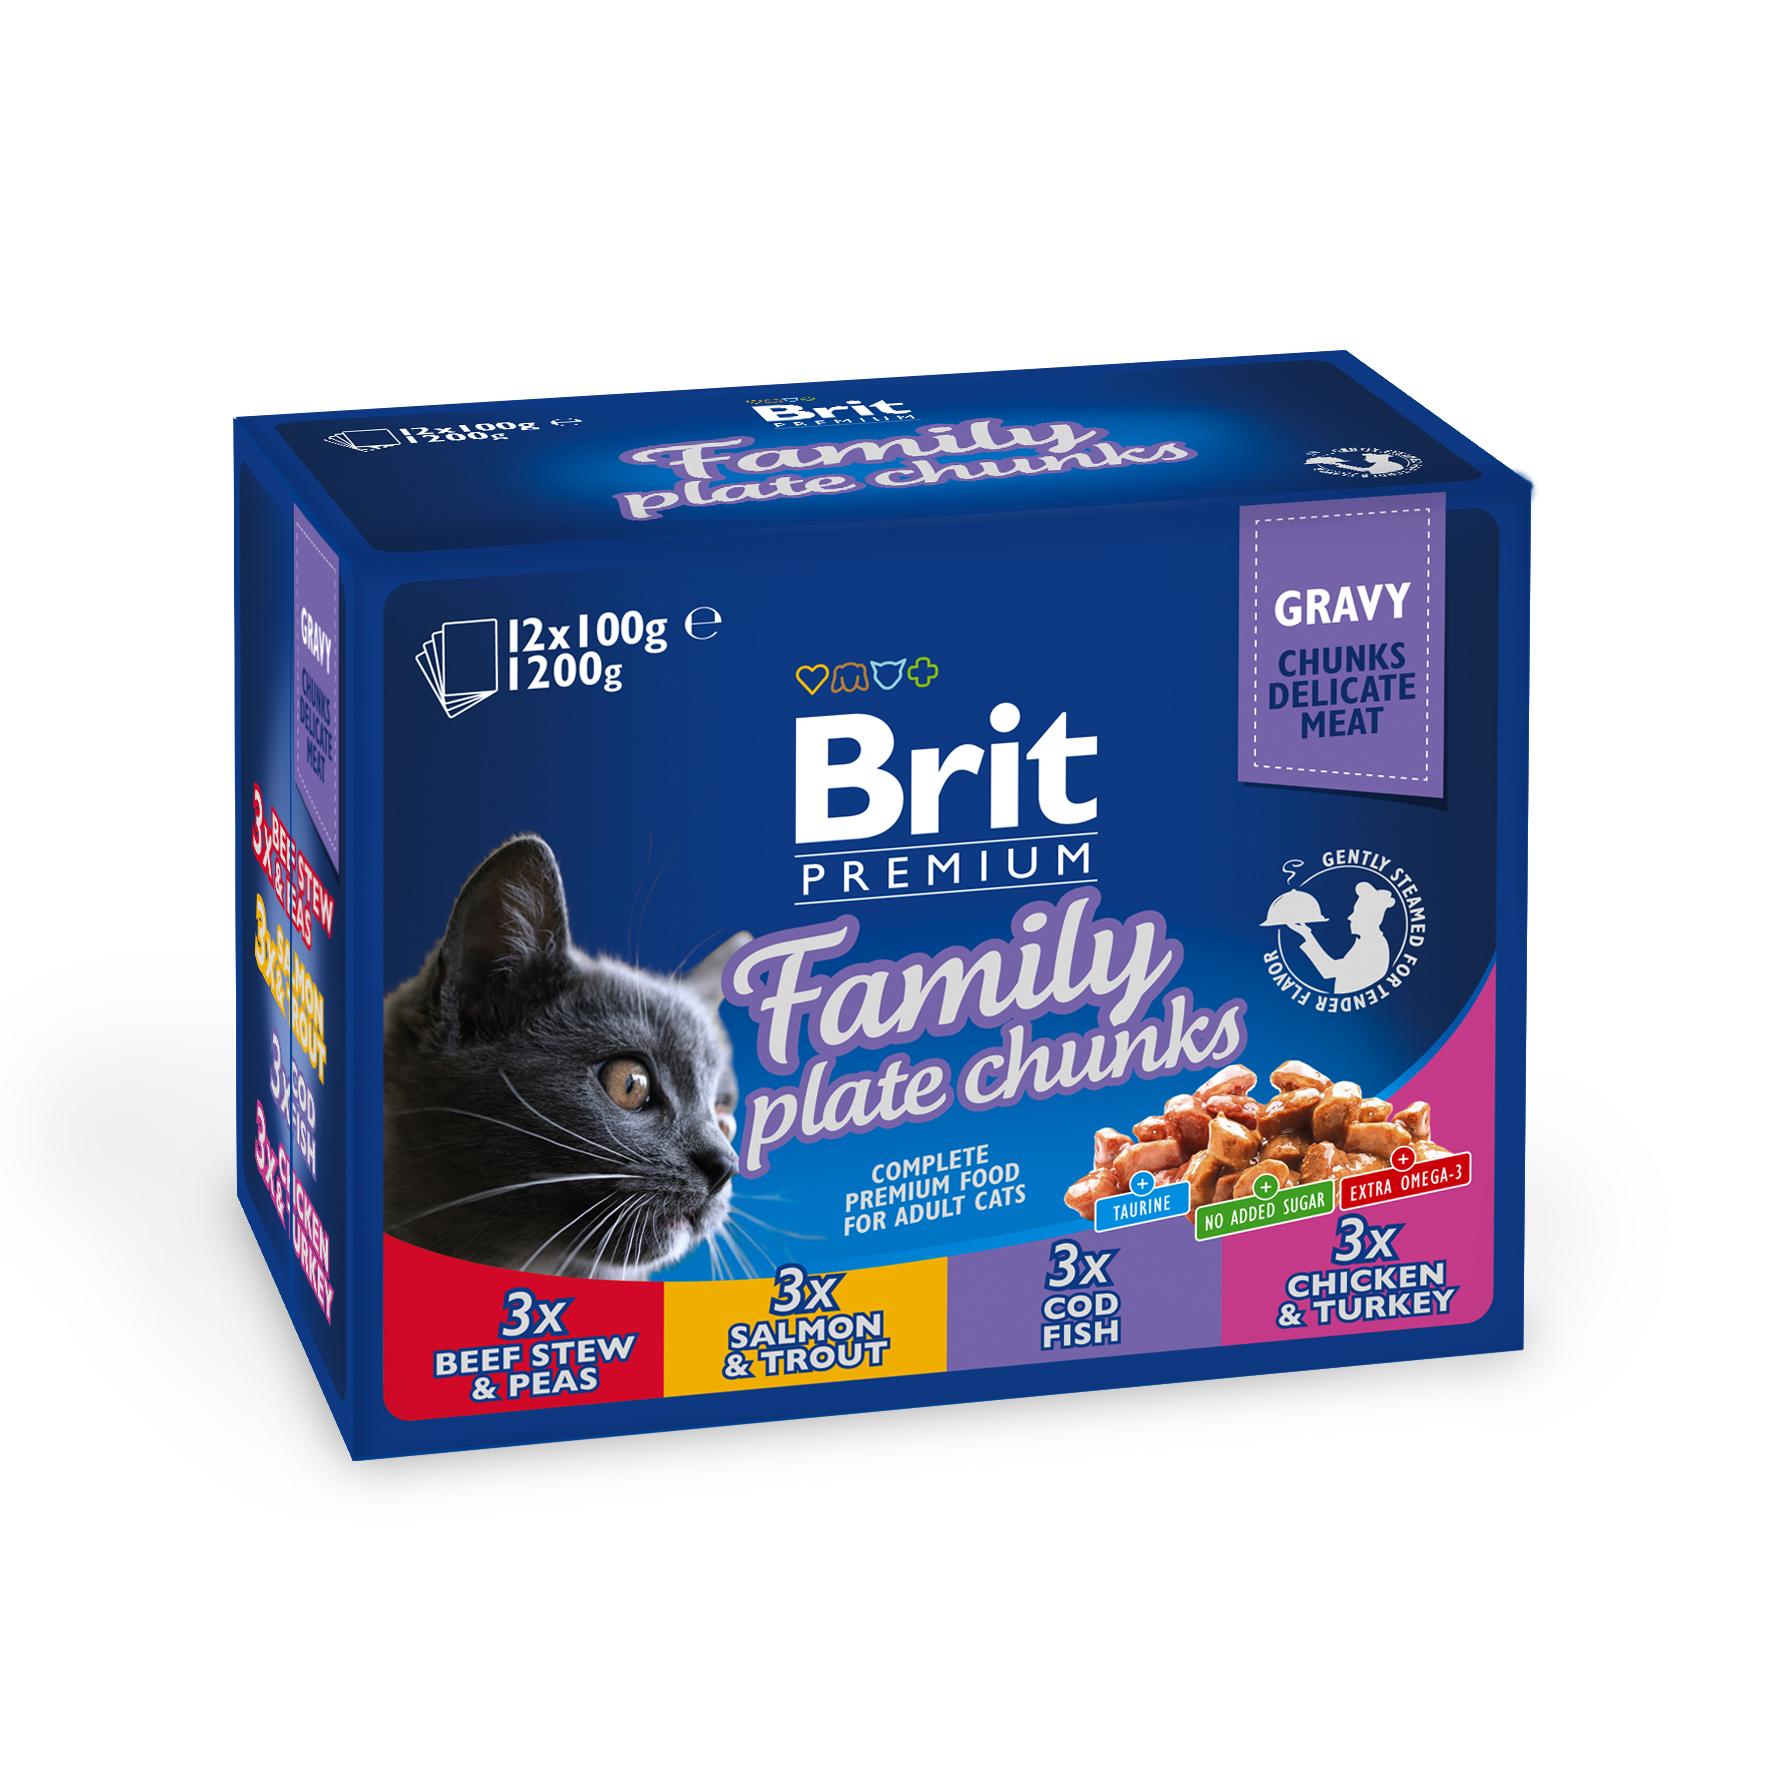 Корм Brit говядина и сердце 850g для собак 9297